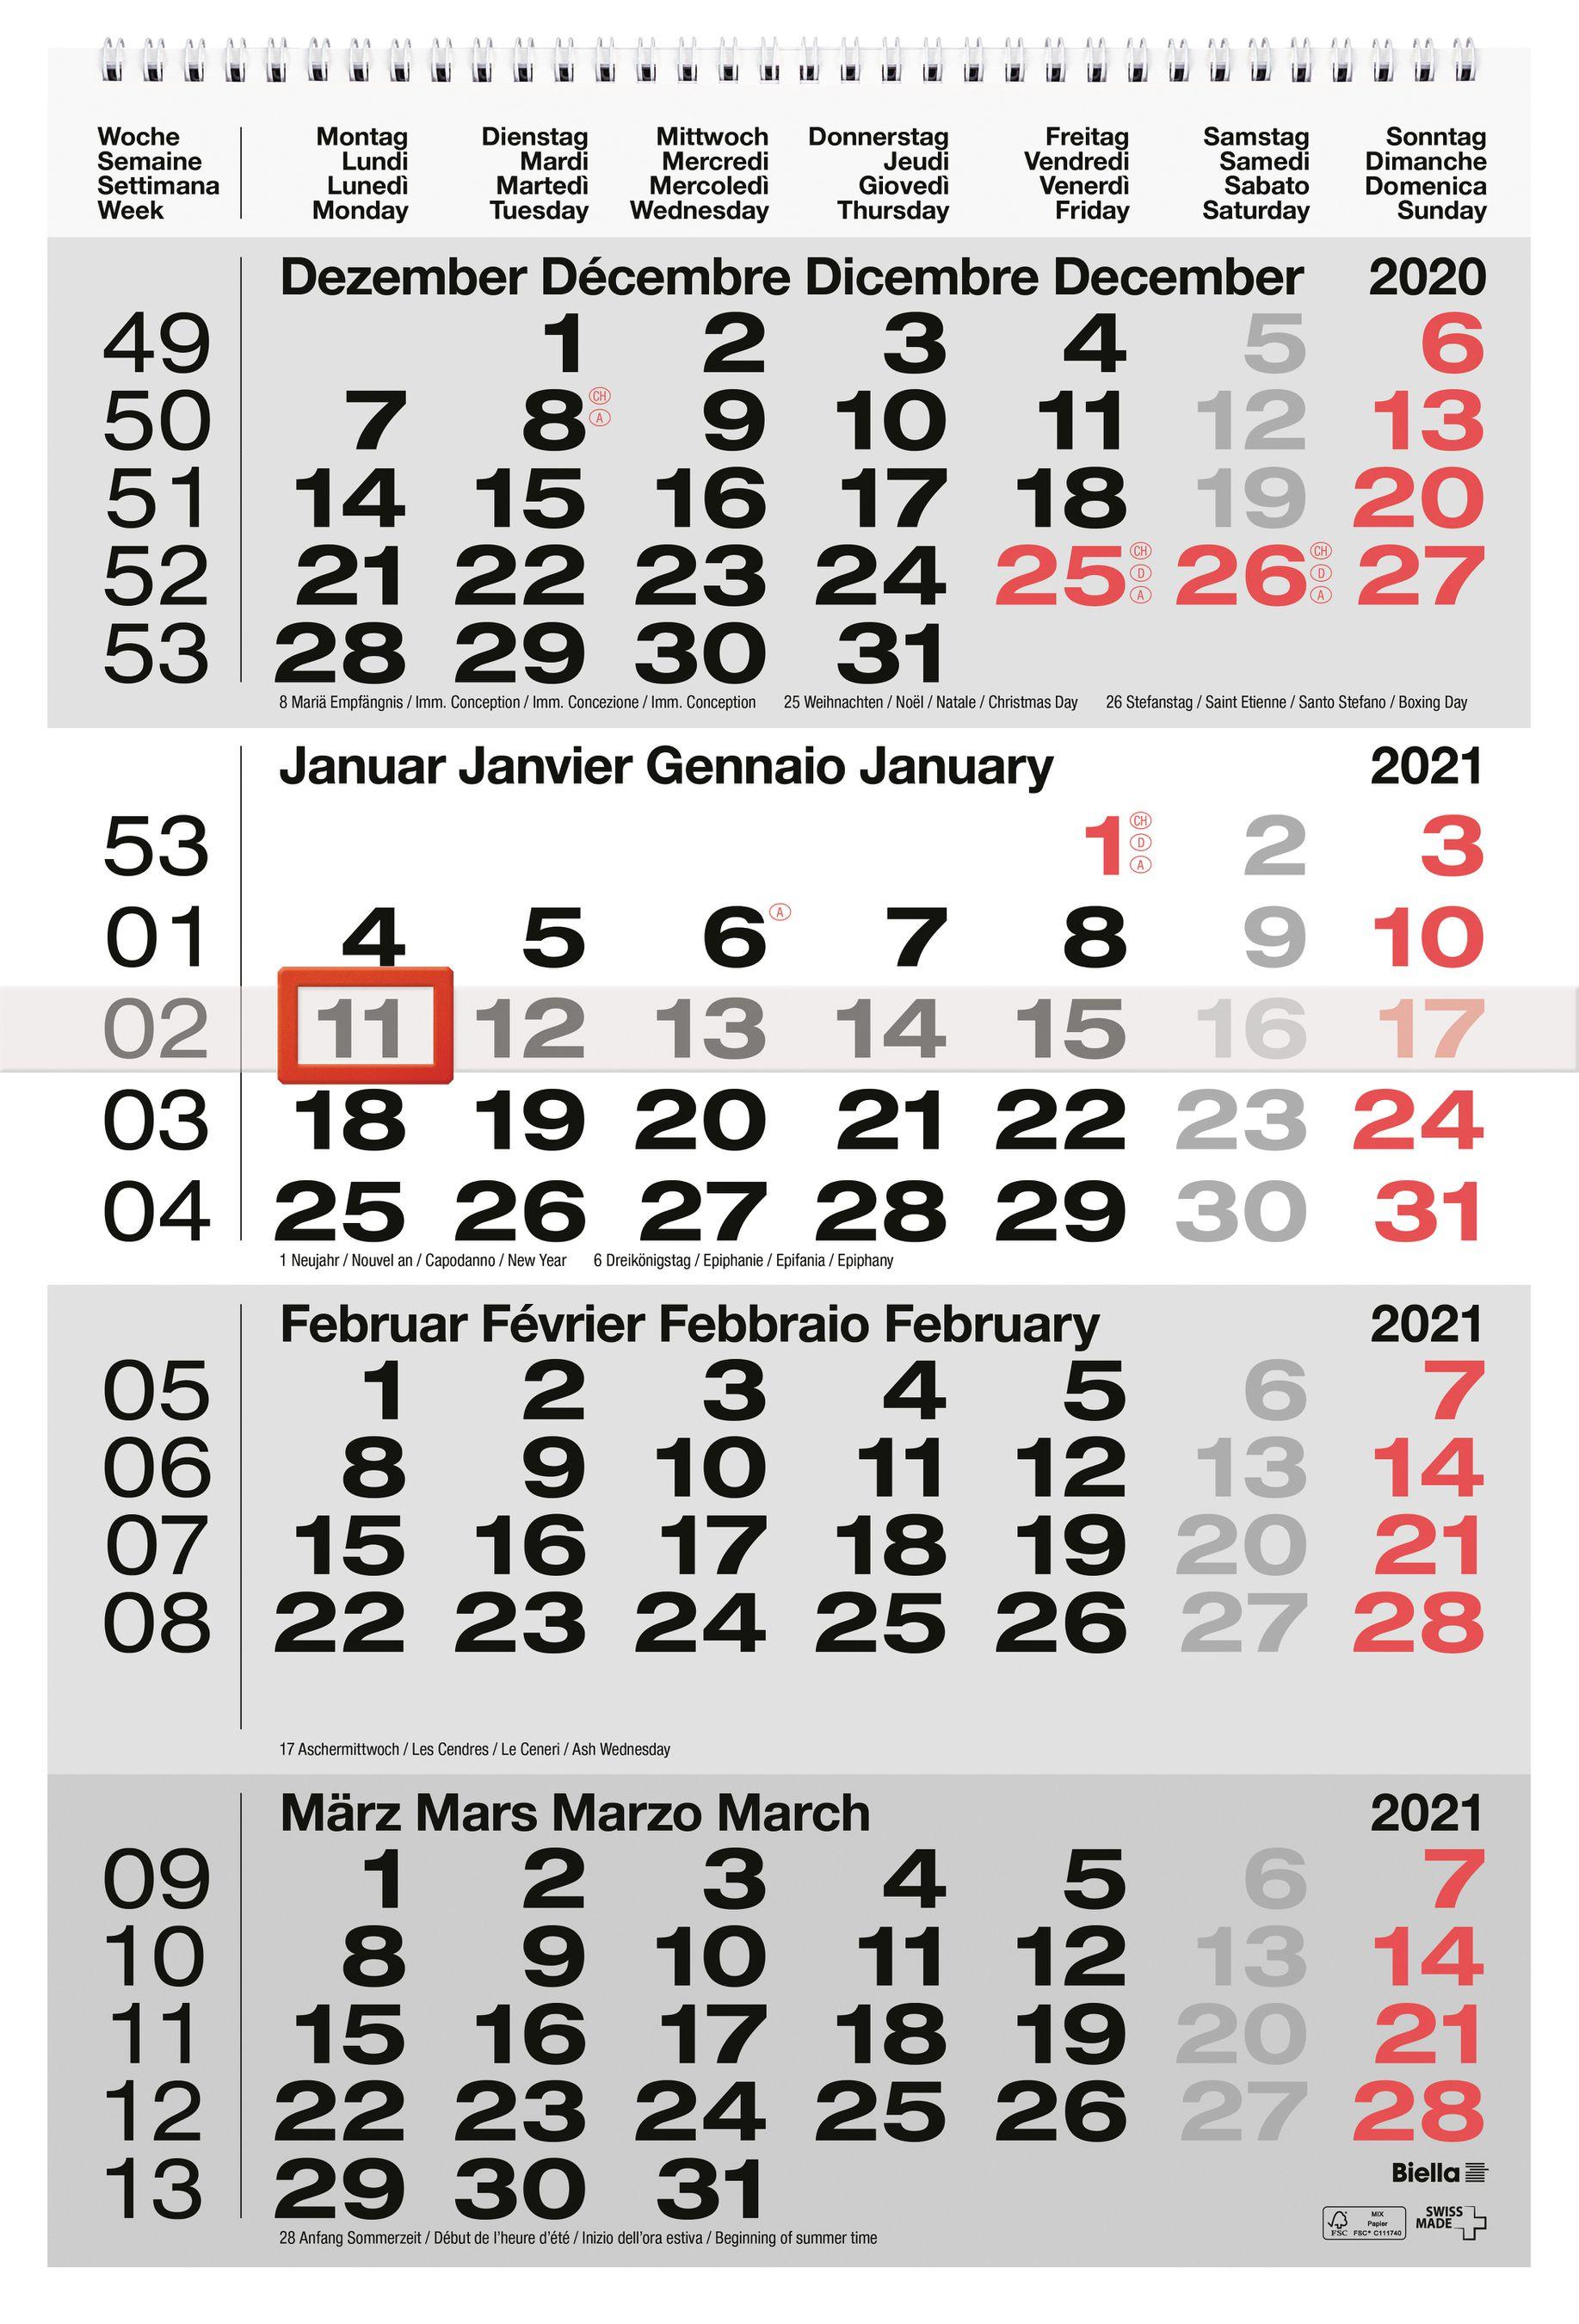 BIELLA Calendario 2021 31x47cm 0889040.000021 grigio Wire O 4M/S